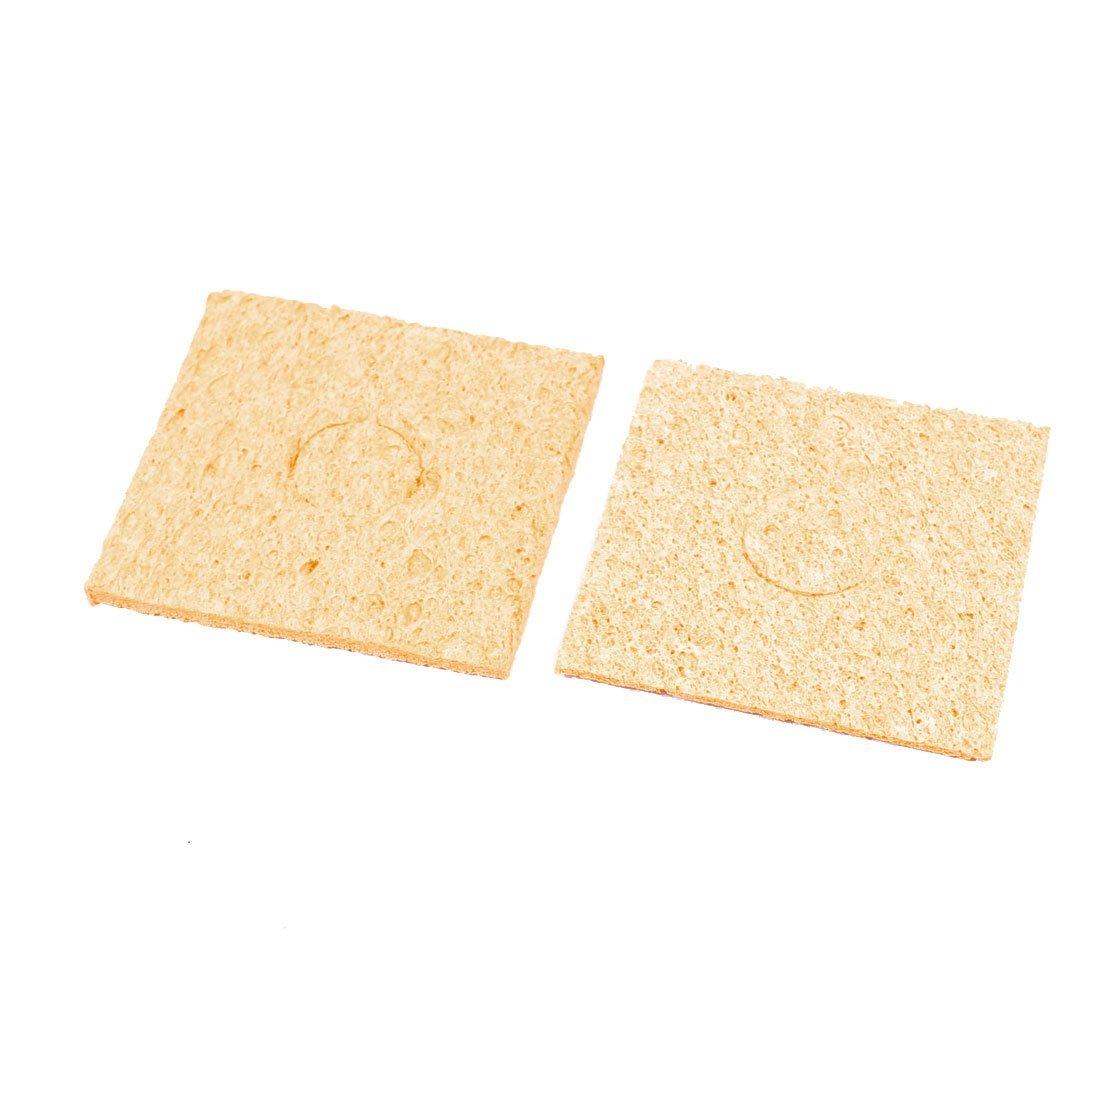 Amazon.com: eDealMax reemplazo DE 57 mm x 57 mm x 3 mm de soldadura de Hierro esponja de la limpieza del cojín Amarillo 10Pcs: Electronics